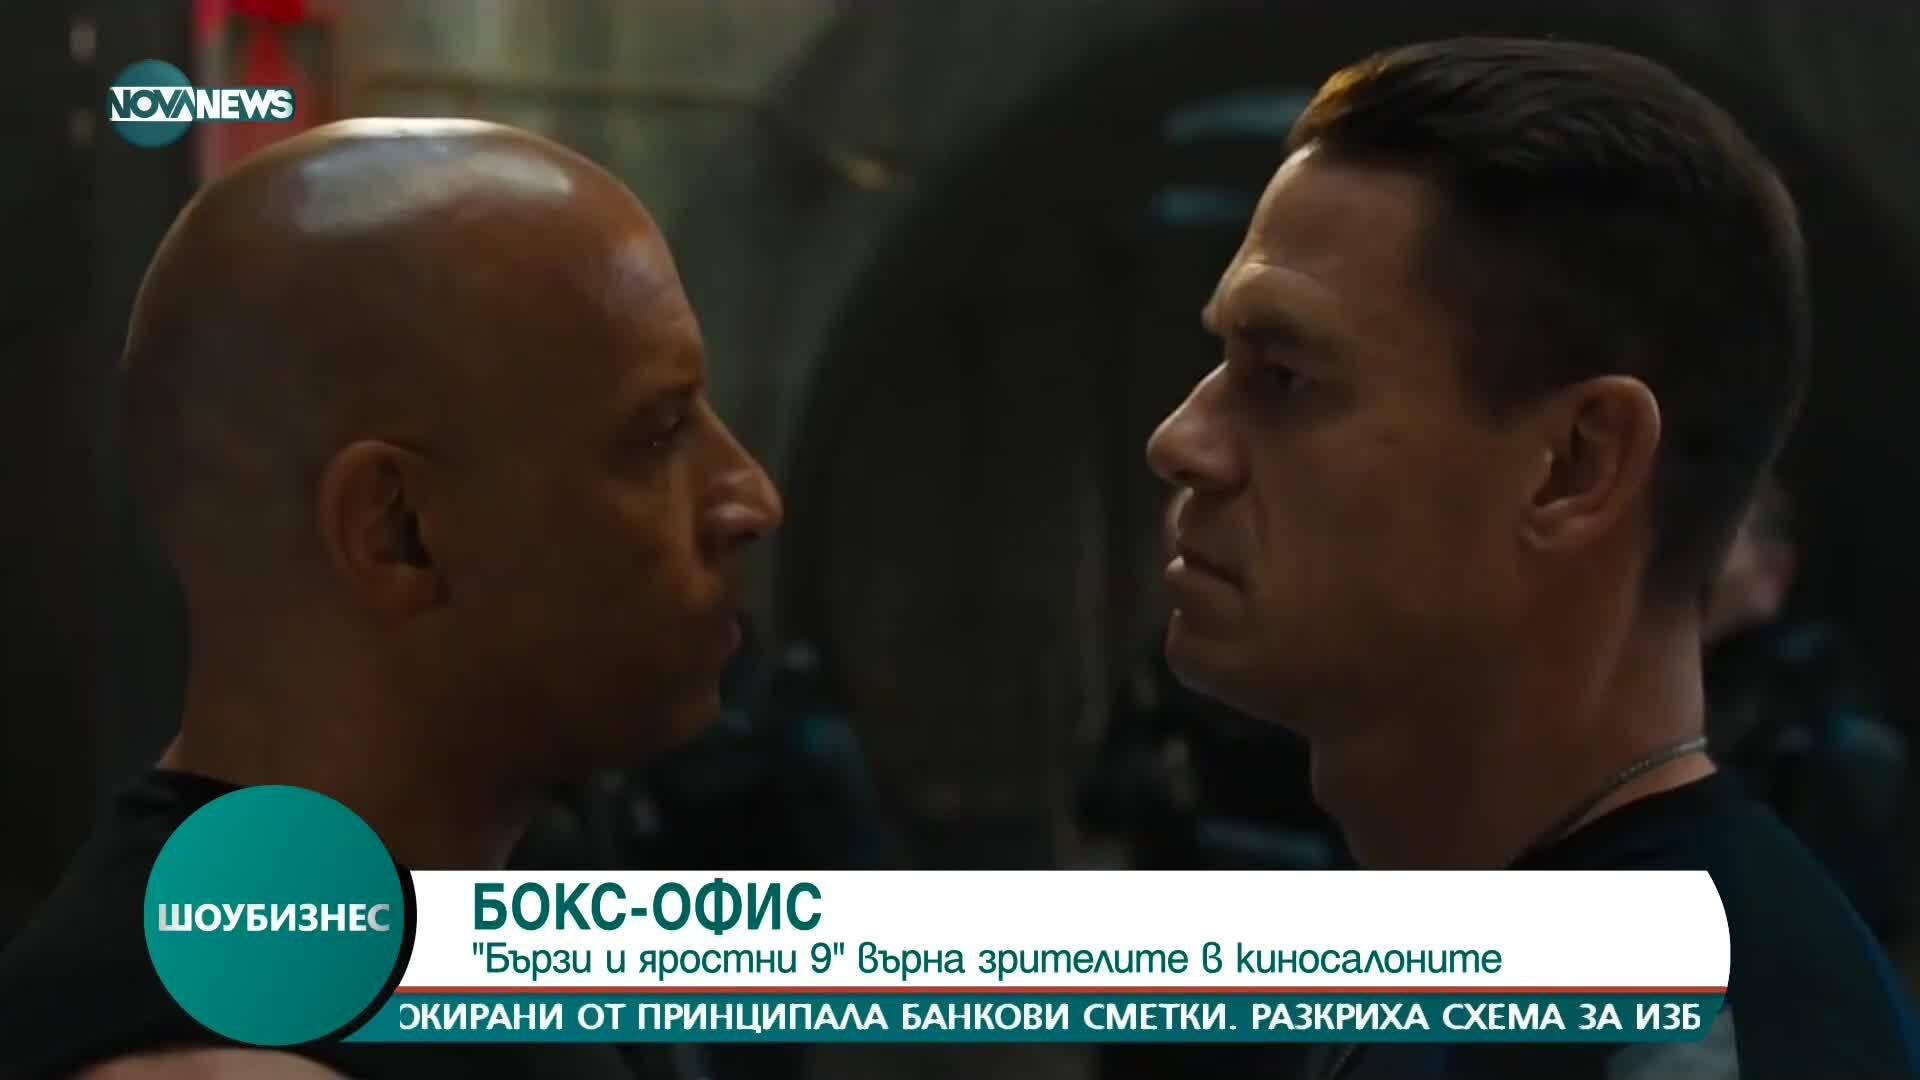 """""""Бързи и яростни 9"""" върна зрителите в киносалоните"""